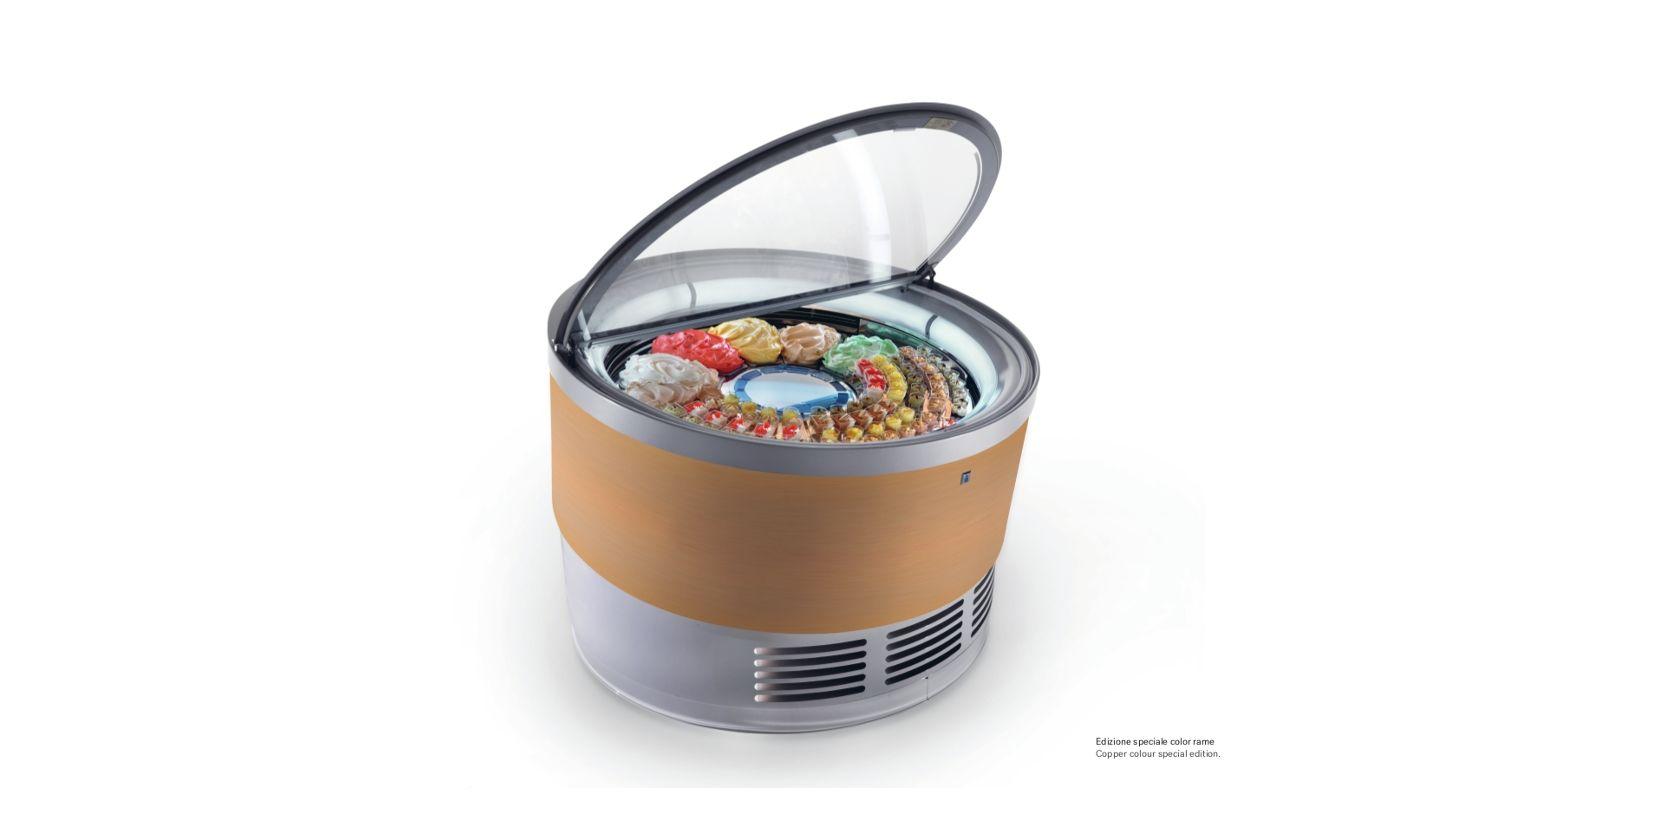 La rivoluzione della gelateria artigianale, rotonda e rotante, design di Makio Hasuike e CO. e IFI. Fa parte della collezione Farnesina Design e segnalata per il premio Compasso d'Oro ADI